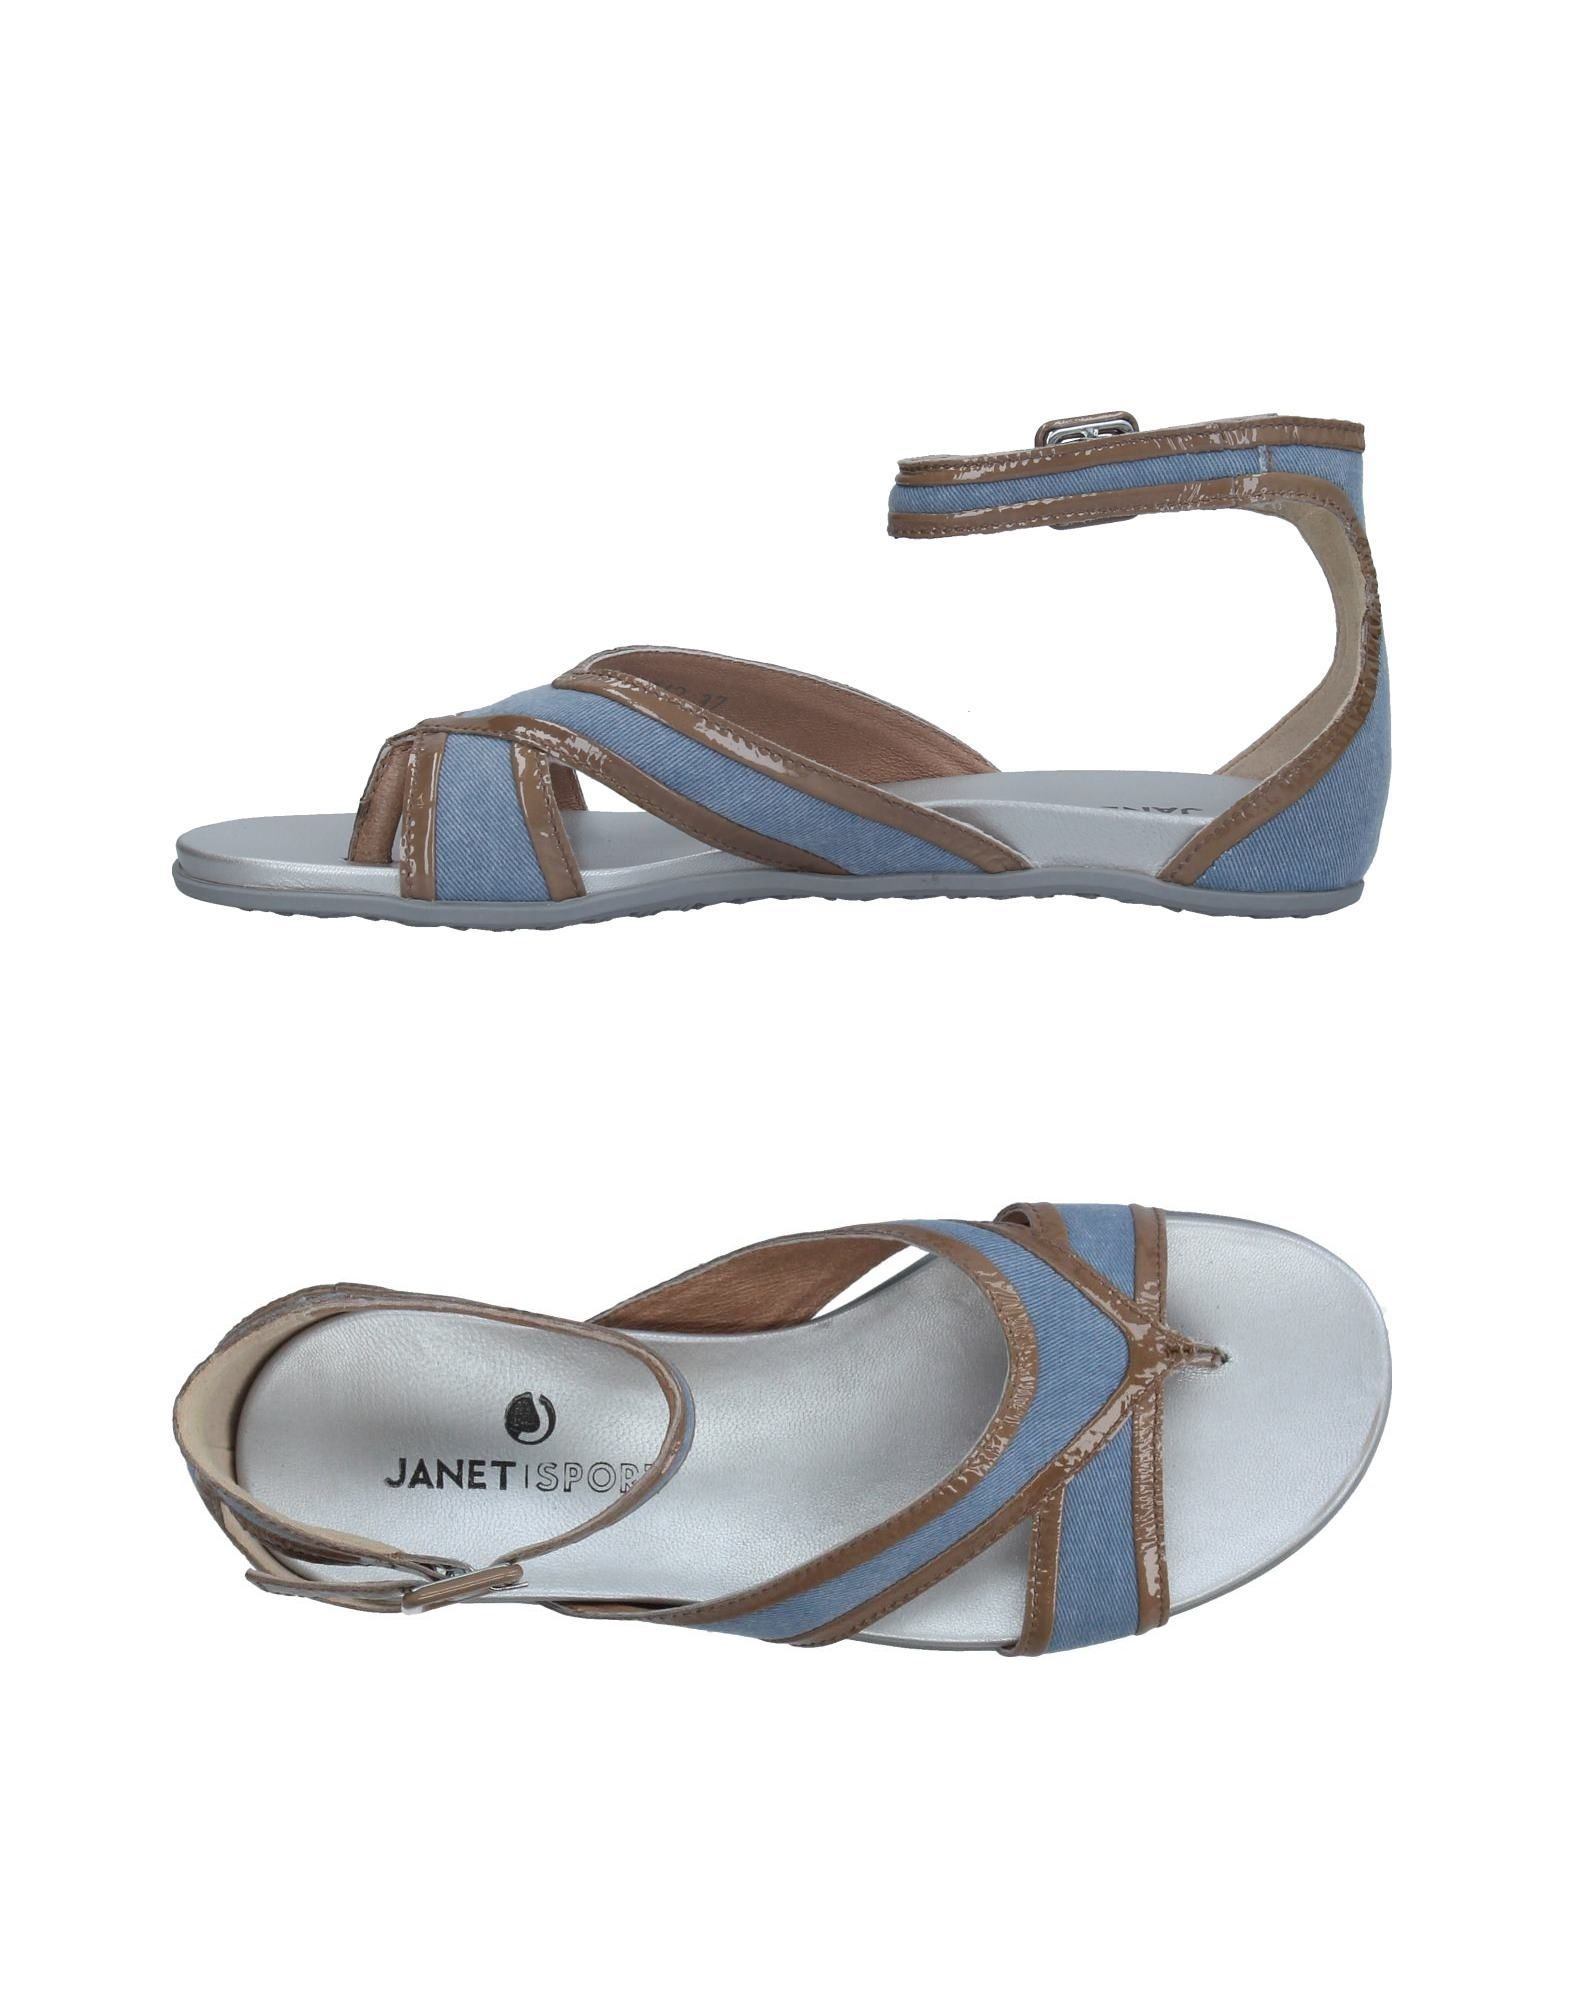 Janet Sport Dianetten Damen  11327750LW Gute Qualität beliebte Schuhe